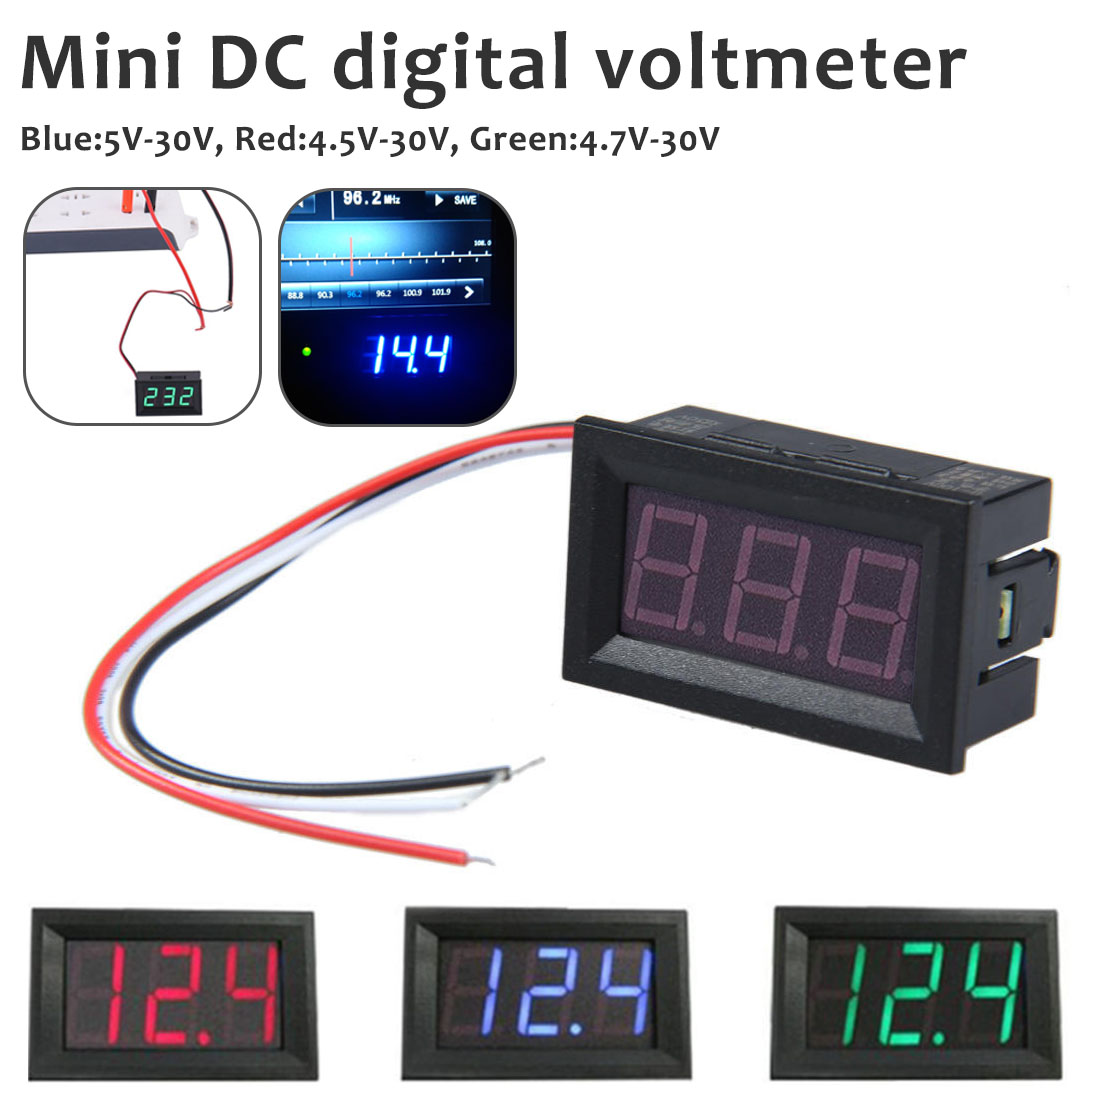 DC4.5V-30.0V Digital Tube DC Voltmeter Mini Digital DC Voltmeter Measurement Electricalin Strument Reverse Protection